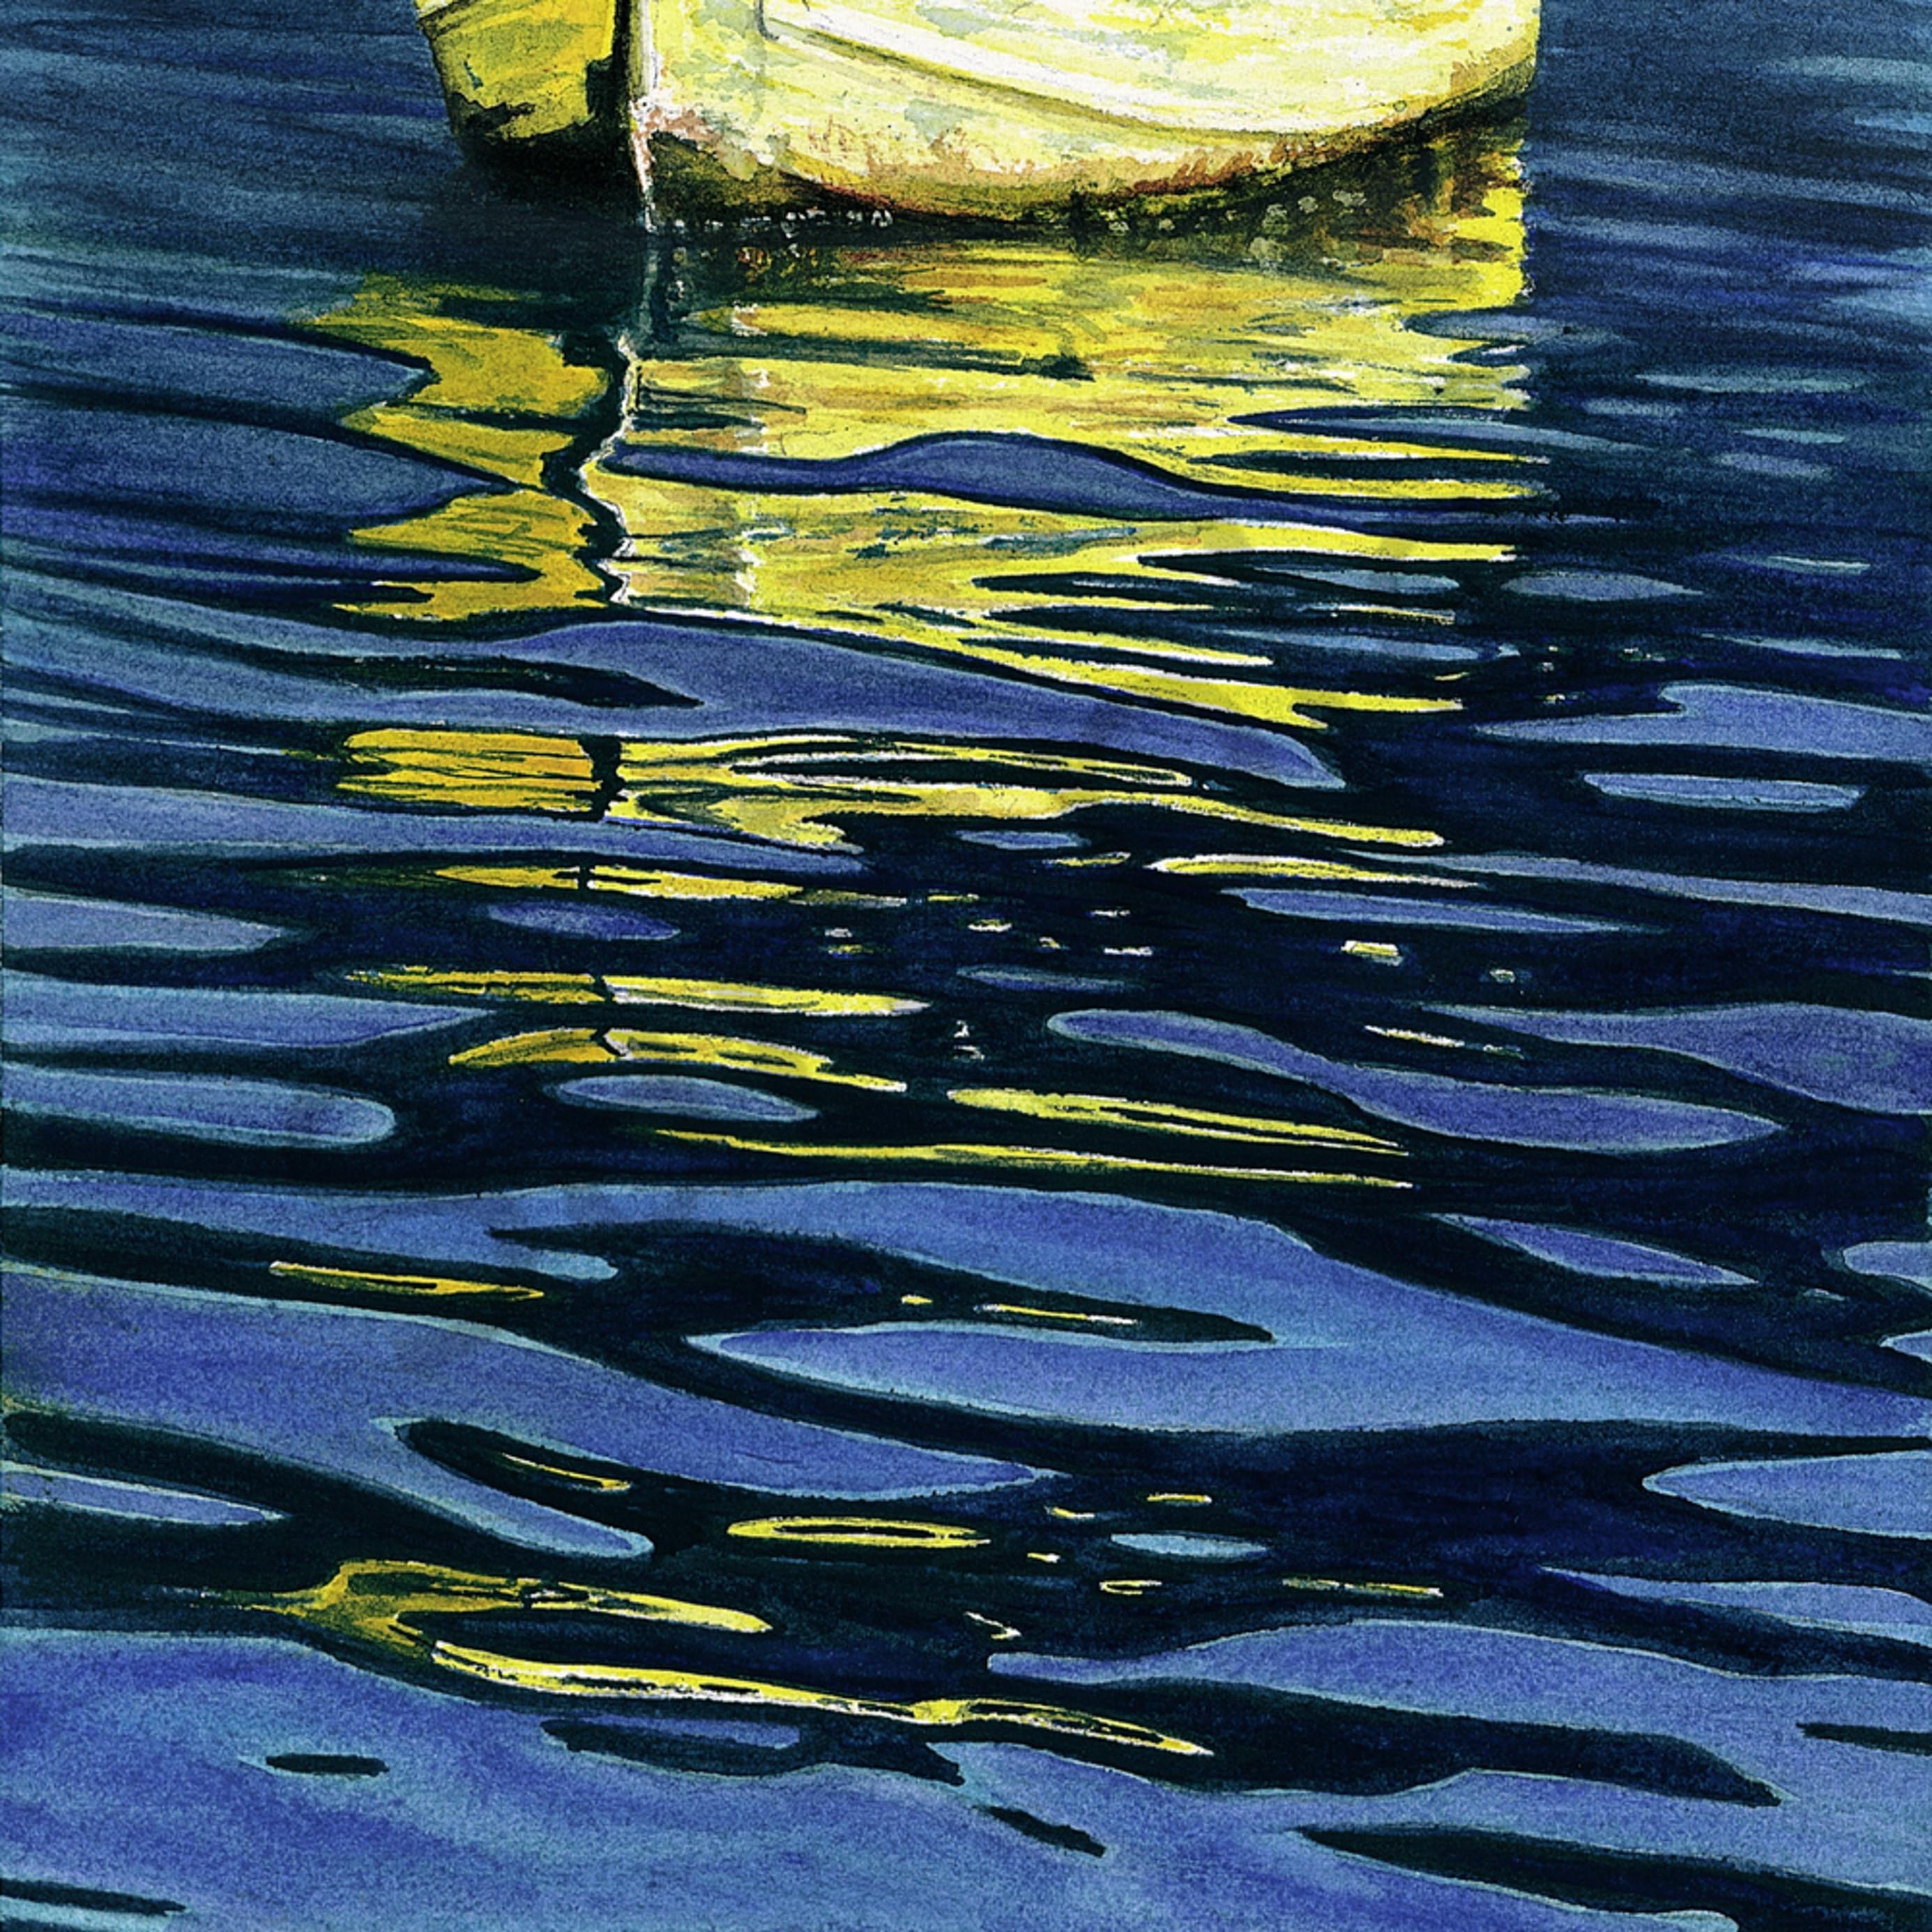 2 yellow boat lzbfo2